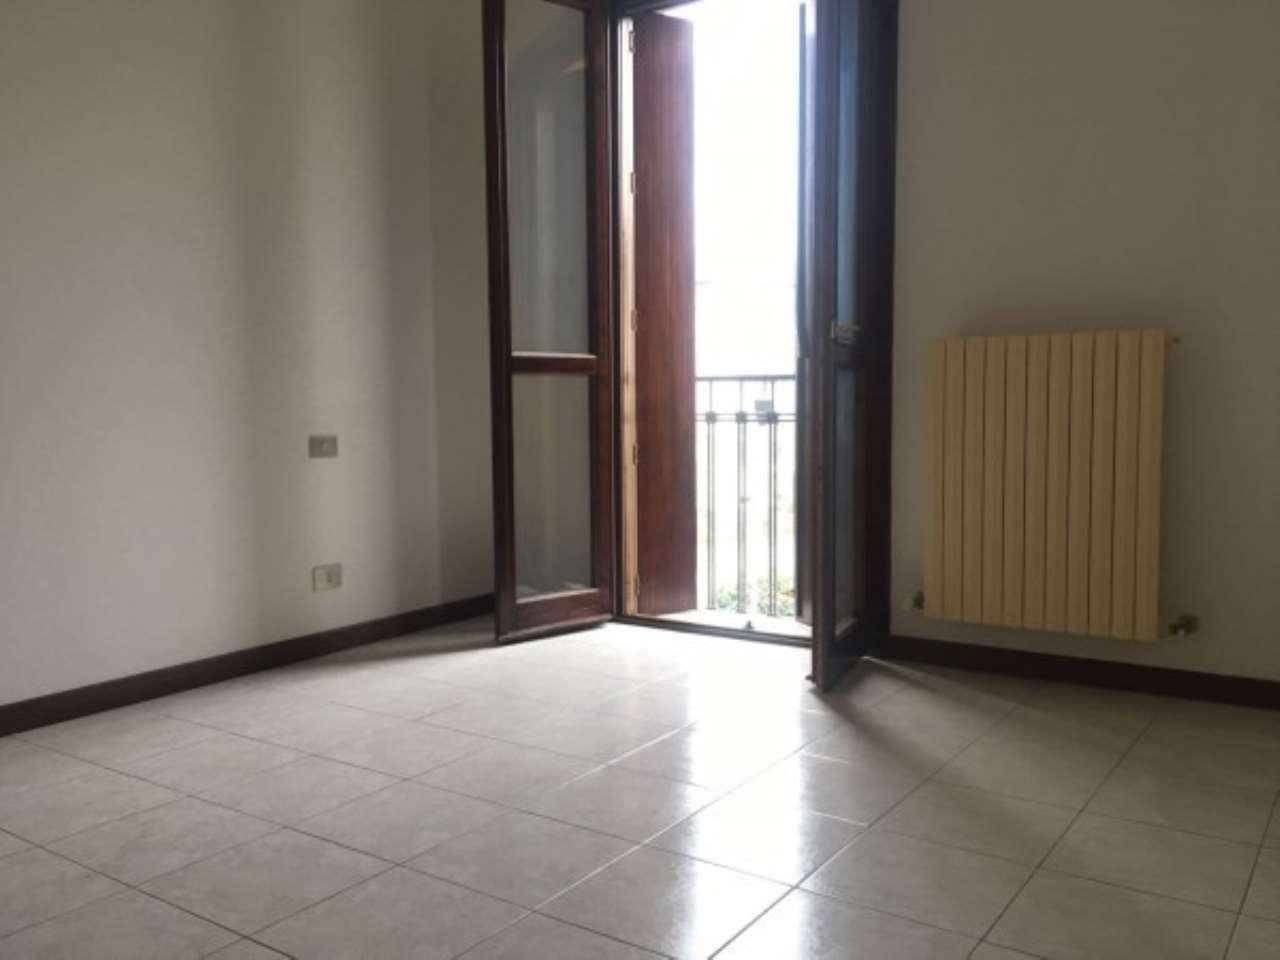 Appartamento in affitto a Pegognaga, 3 locali, prezzo € 400 | Cambio Casa.it